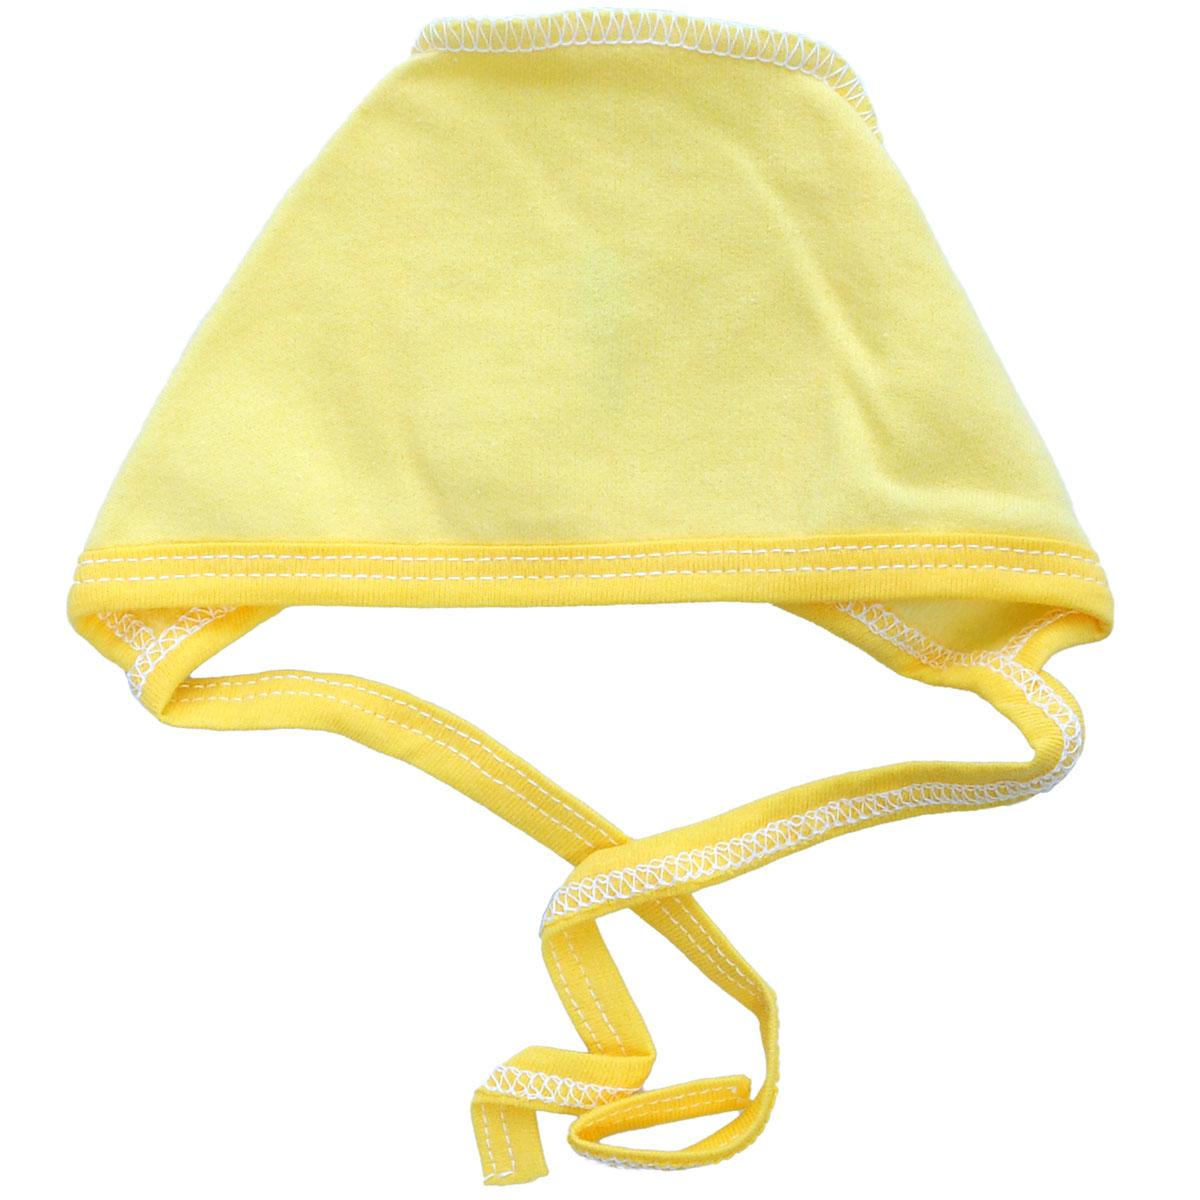 Чепчик унисекс Трон-Плюс, цвет: желтый. 6125. Размер 56, 1 месяц6125Мягкий утепленный чепчик из футера Трон-плюс, необходимый любому младенцу, защищает еще не заросший родничок, щадит чувствительный слух малыша, прикрывая ушки, и предохраняет от теплопотерь.Чепчик, изготовленный из натурального хлопка, необычайно мягкий и легкий, не раздражает нежную кожу ребенка и хорошо вентилируются. Чепчик по краю дополнен трикотажной тесьмой. С помощью завязок, можно регулировать обхват чепчика. Швы, выполненные наружу, обеспечивают максимальный комфорт ребенку.